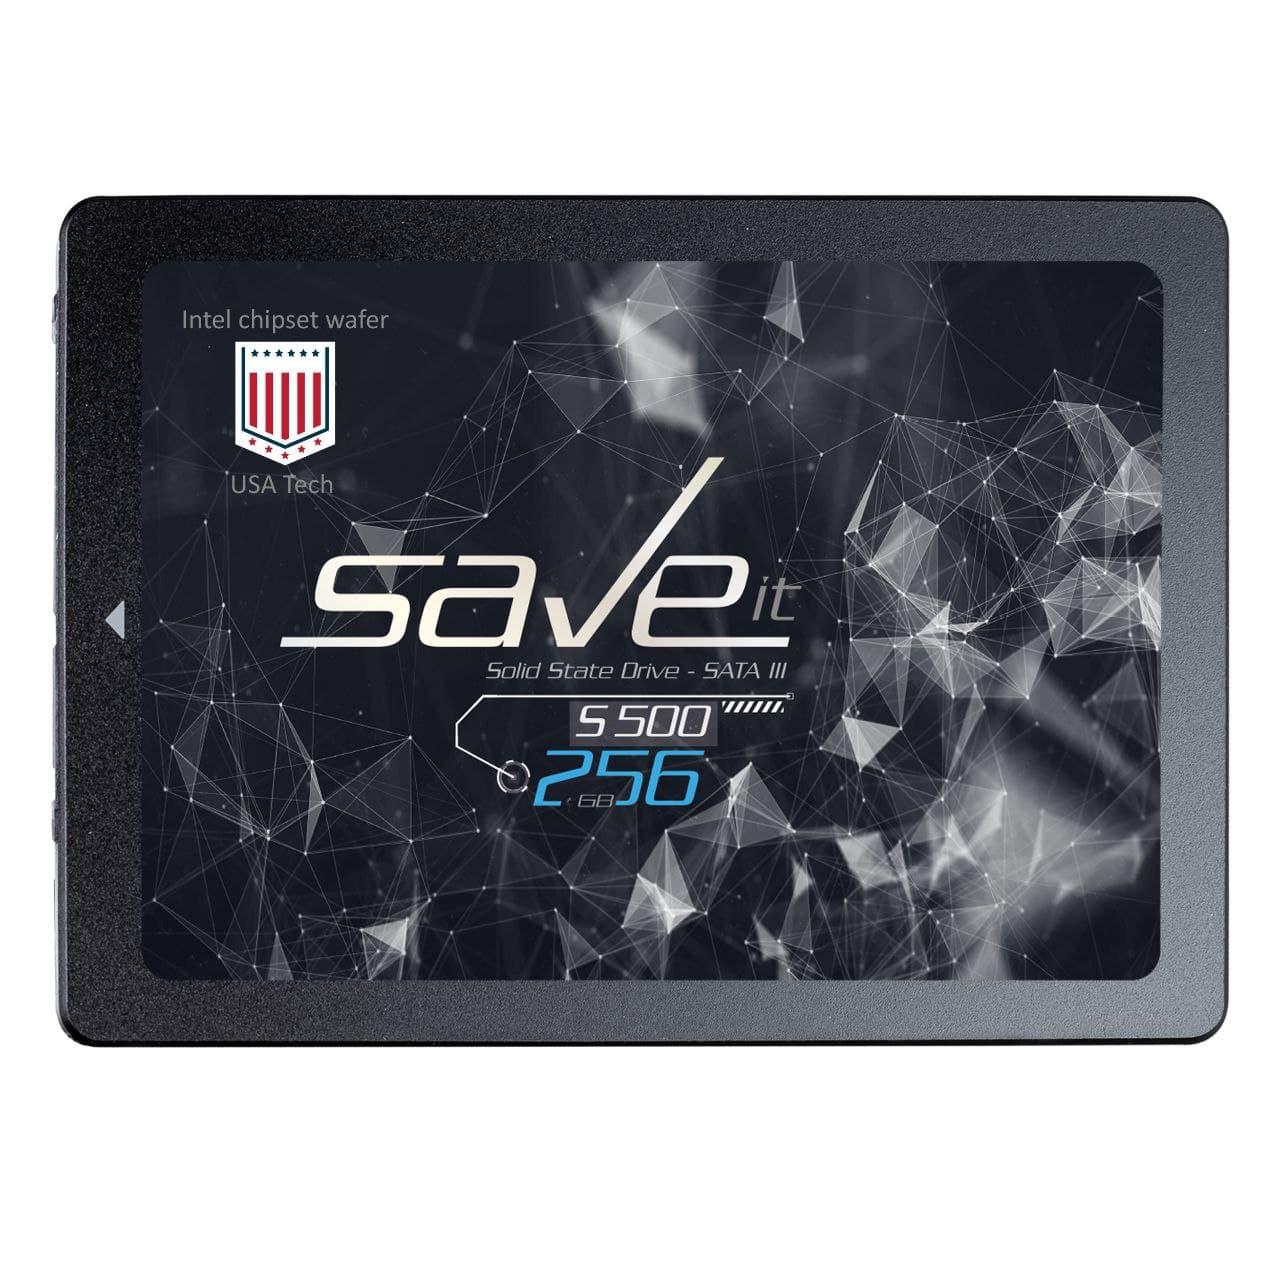 اس اس دی اینترنال سیویت مدل S500 ظرفیت 256 گیگابایت